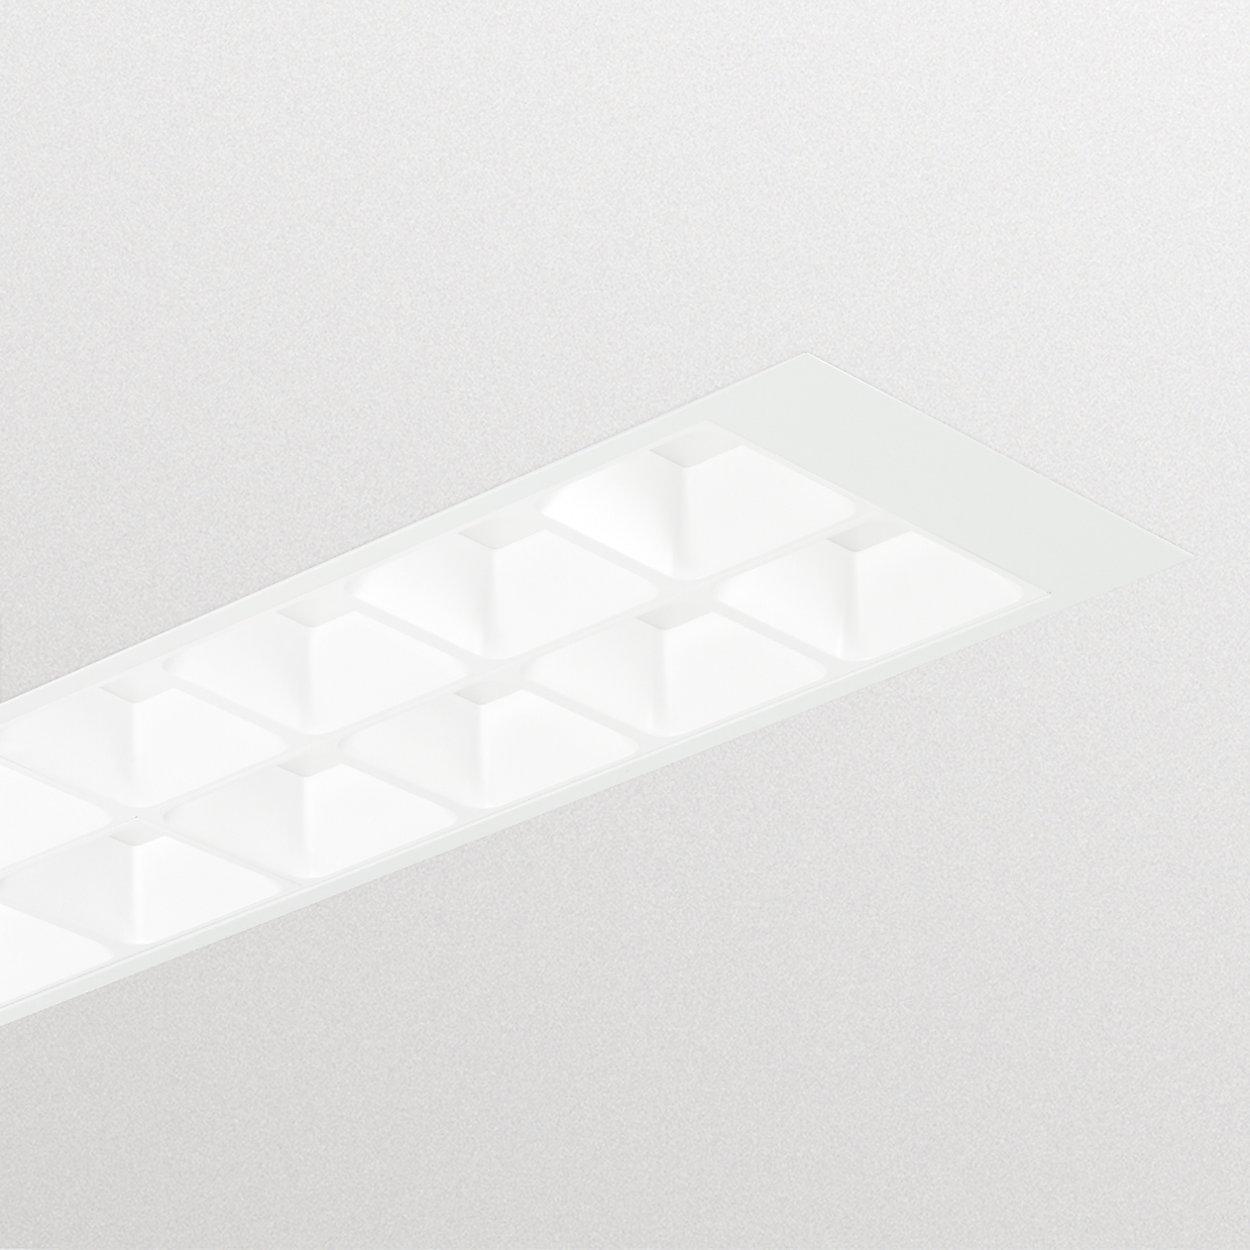 PowerBalance Tunable White, a incasso - Per supportare una sensazione generale di salute e benessere